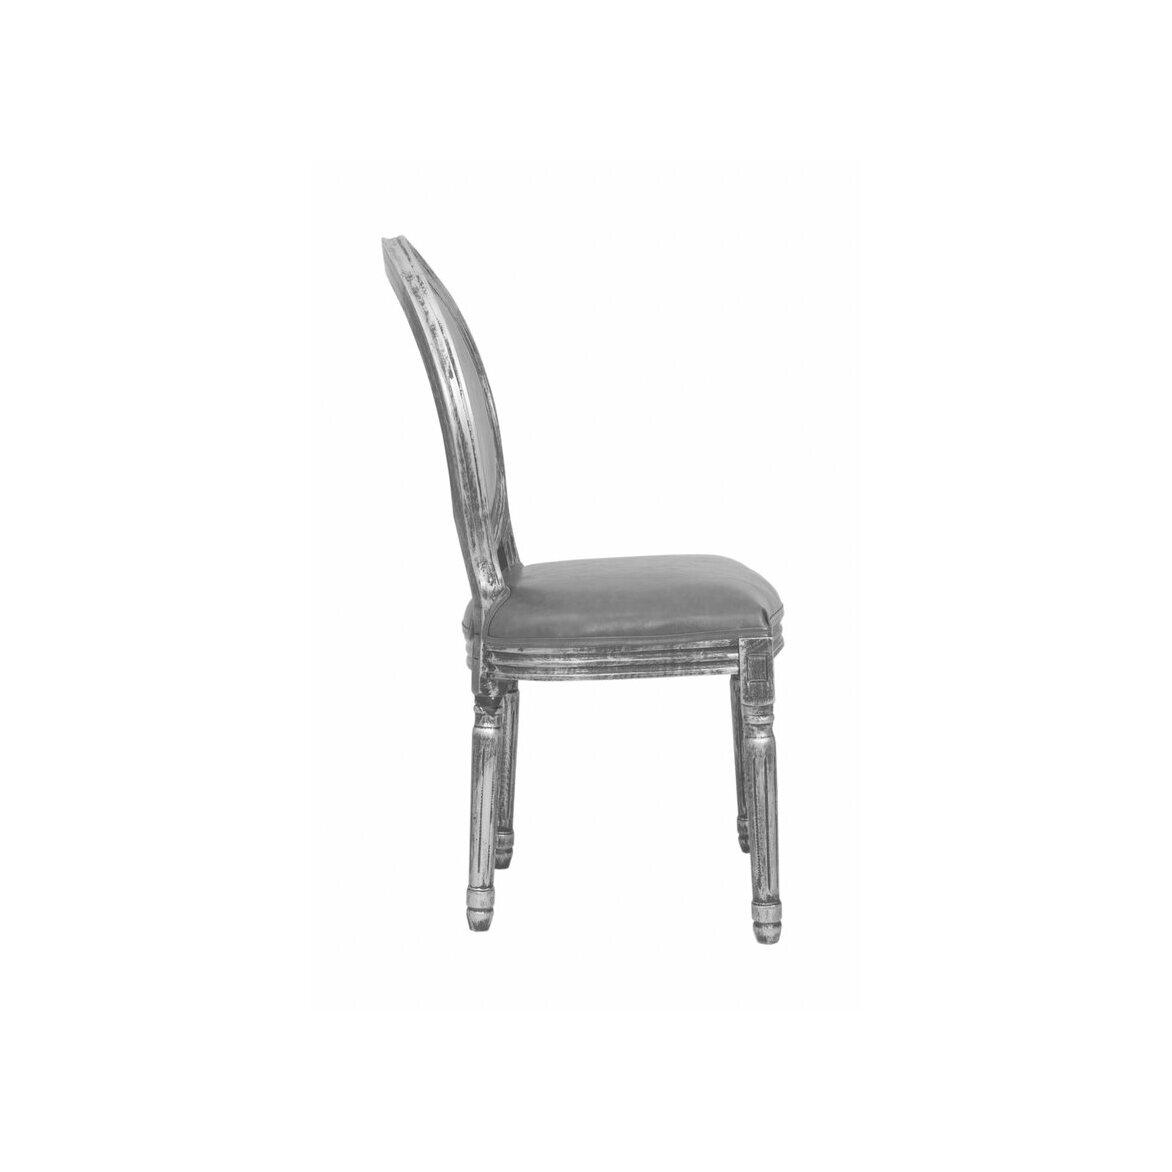 Стул Volker silver 2 | Обеденные стулья Kingsby